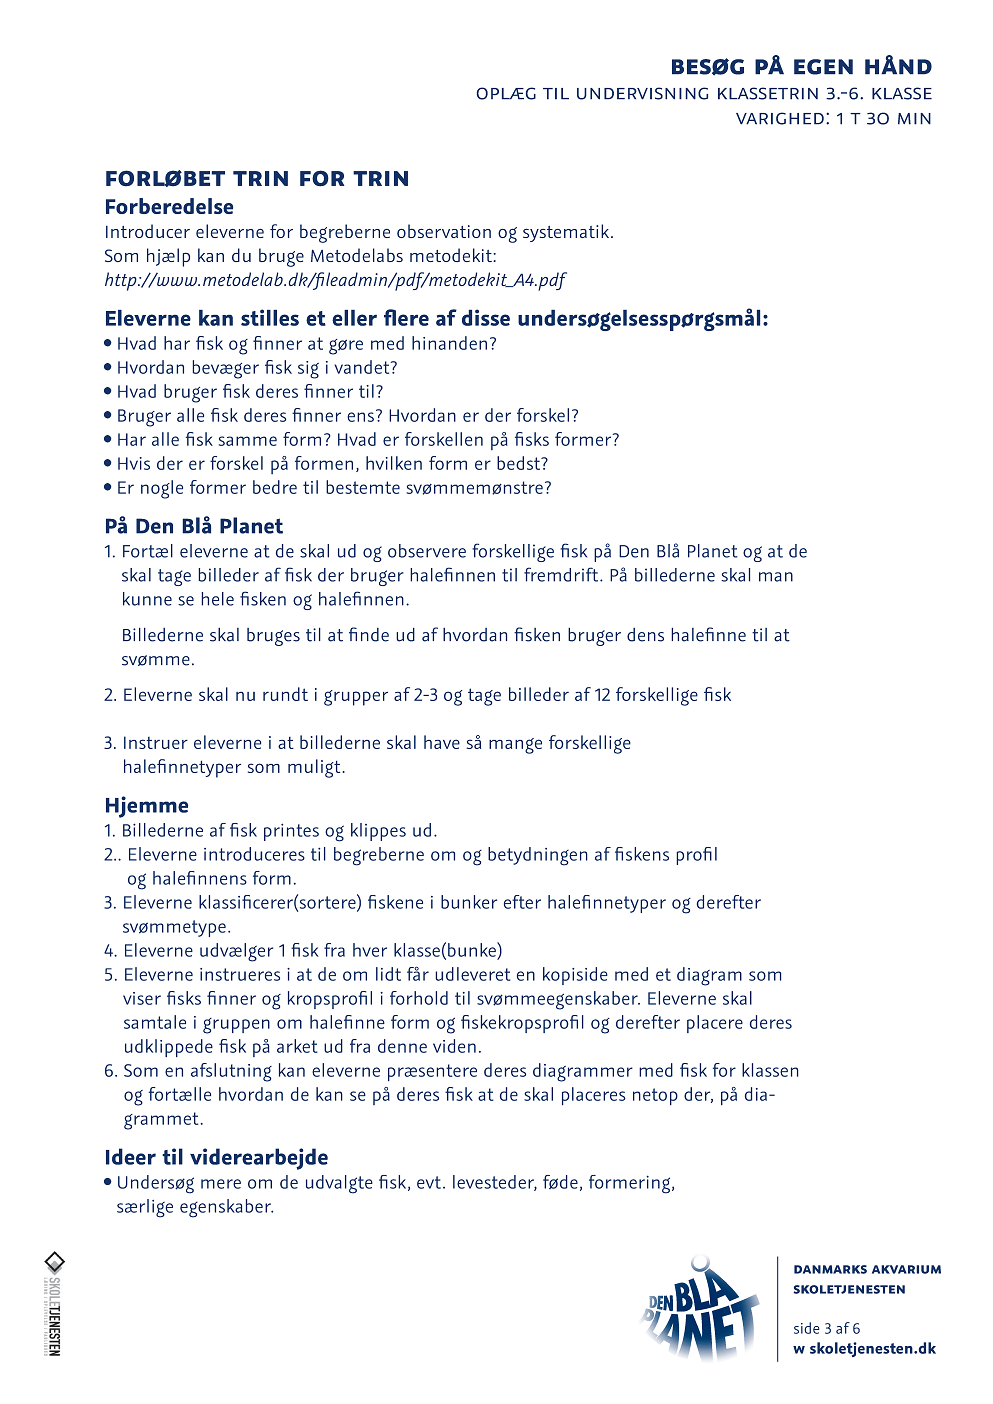 fuldfartfrem_marts2015-3